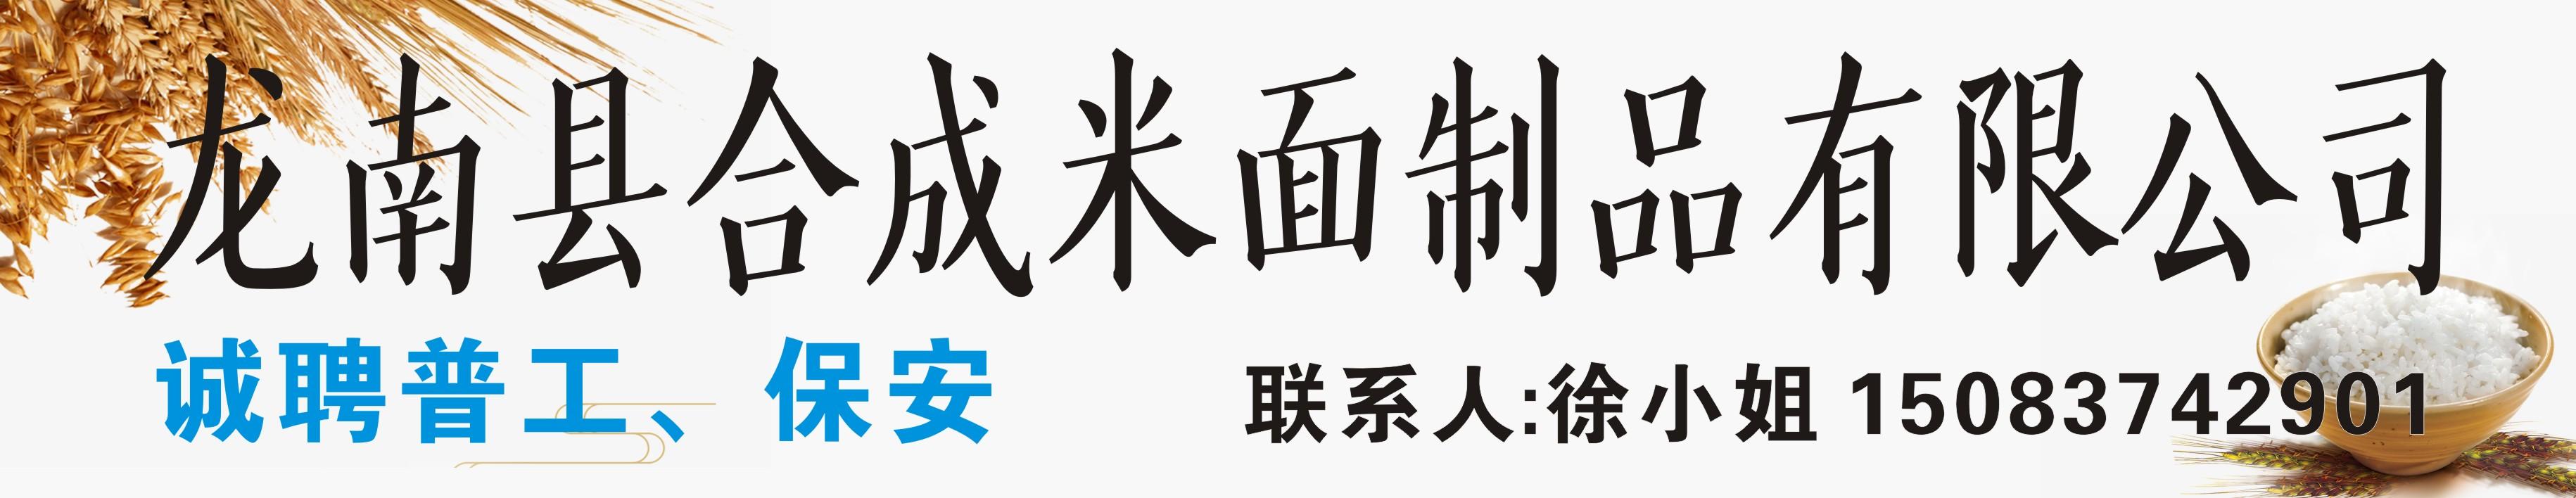 龍南縣合成米面制品有限公司